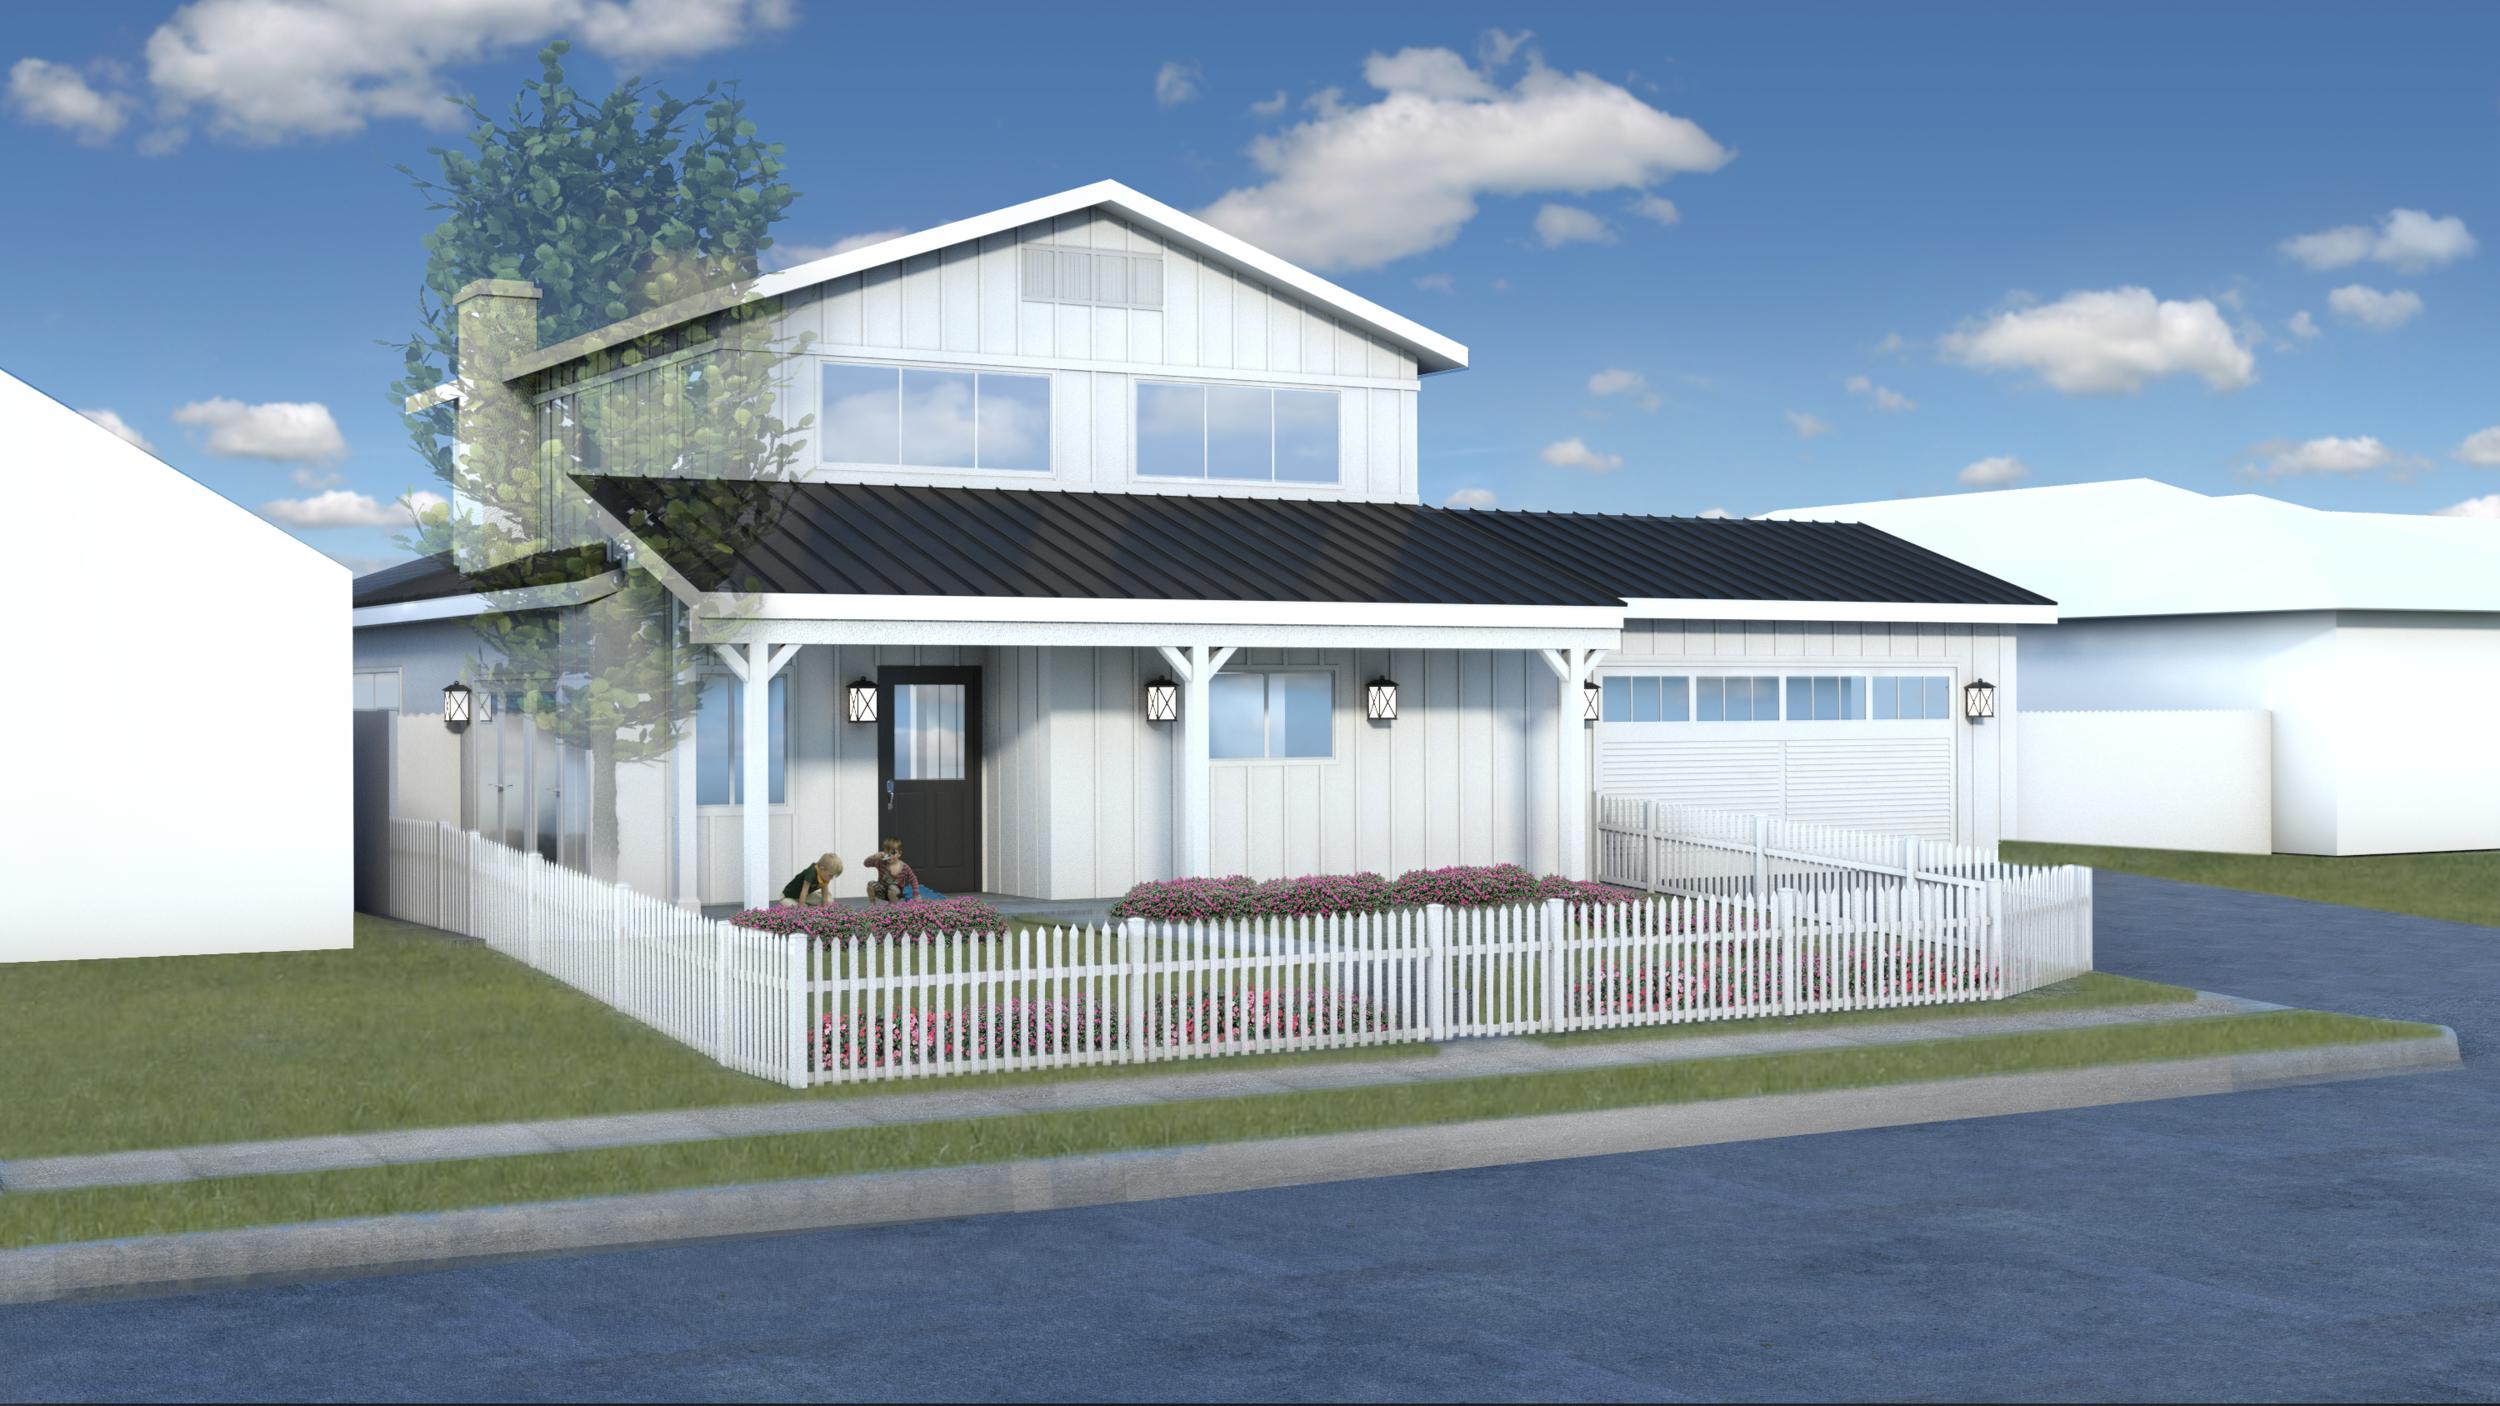 Contemporary Farmhouse Home Design, Costa Mesa, California